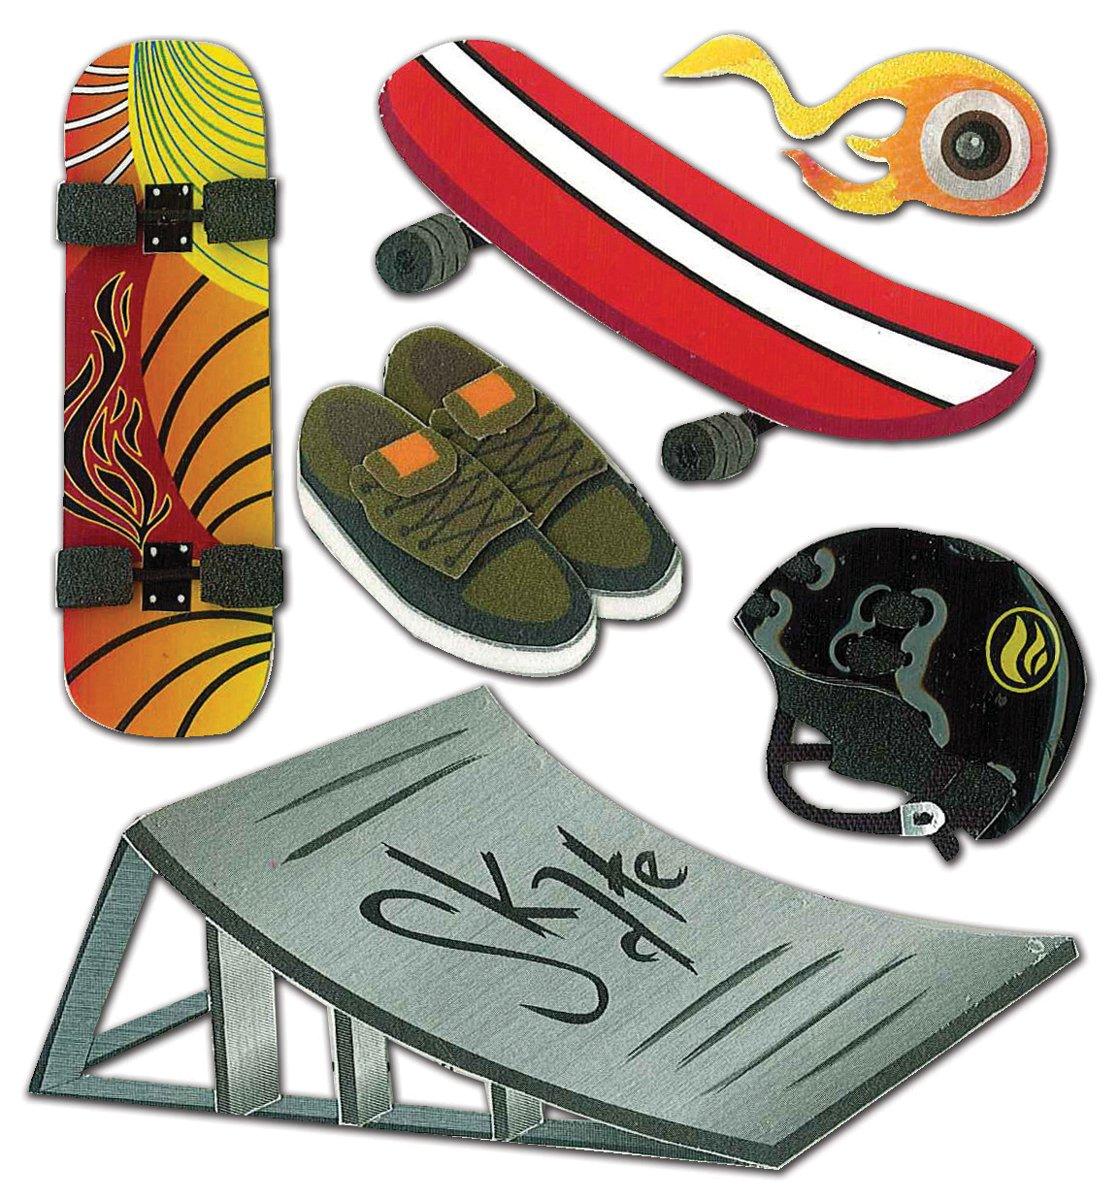 Jolee のスケート ボード ステッカー次元 - ブティック B0028A1DJ2